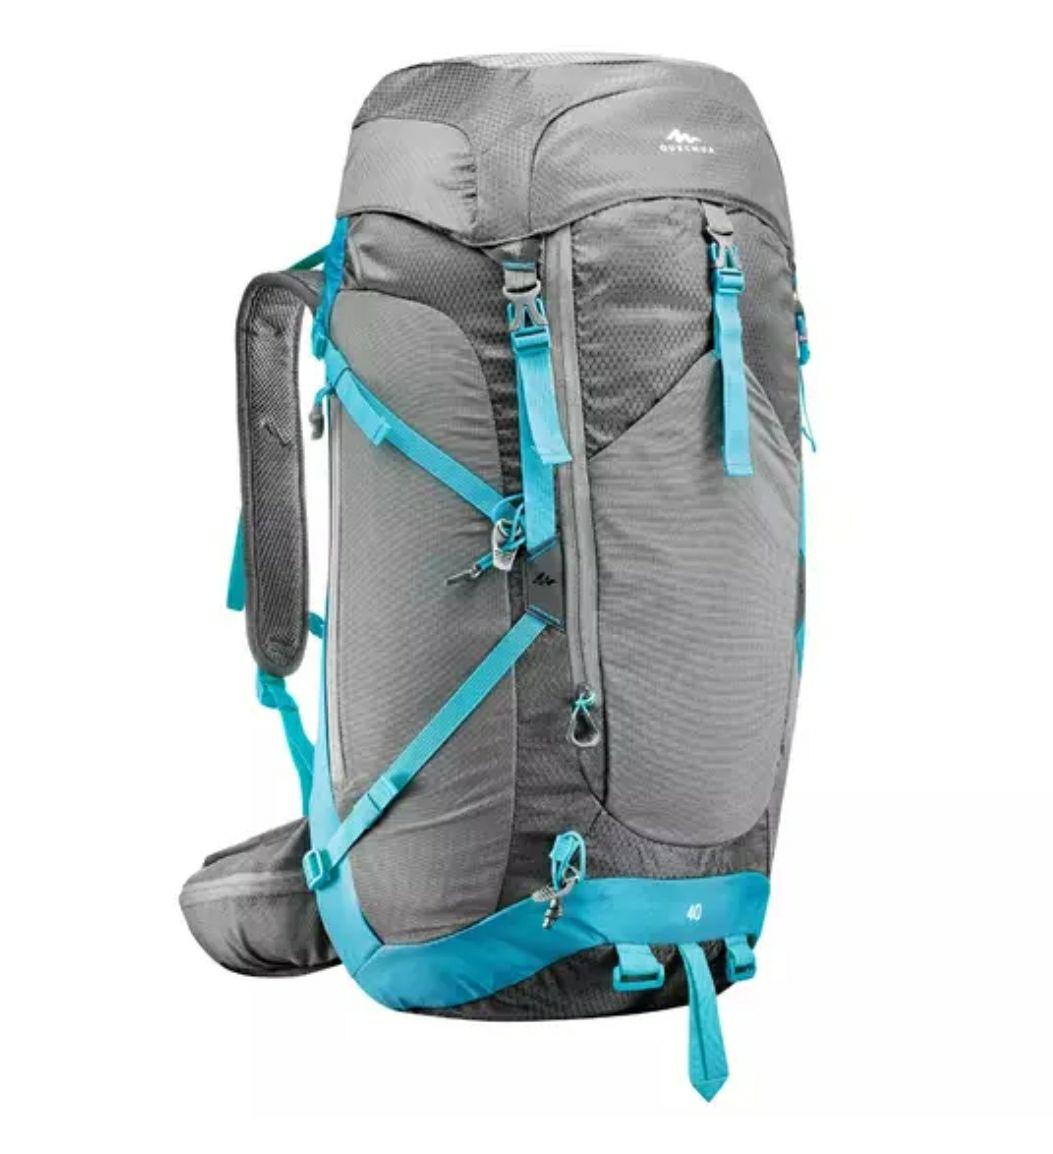 Damski Plecak turystyczny 40l Quechua 40 l MH500 (dla kobiet)